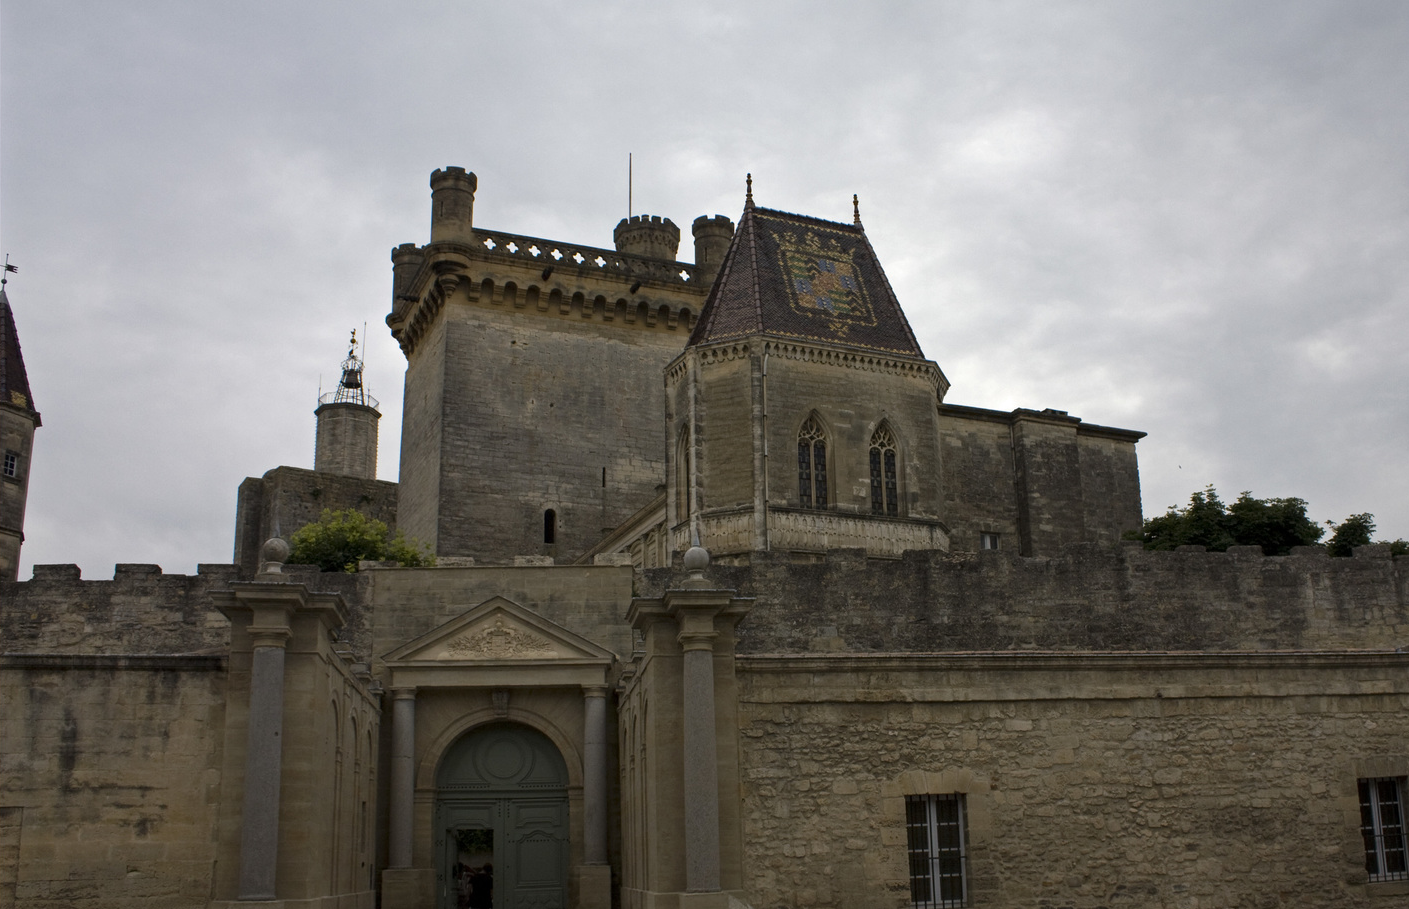 Le Duché - By D Villafruela (Own work) [  GFDL  or CC BY-SA 3.0], via Wikimedia Commons